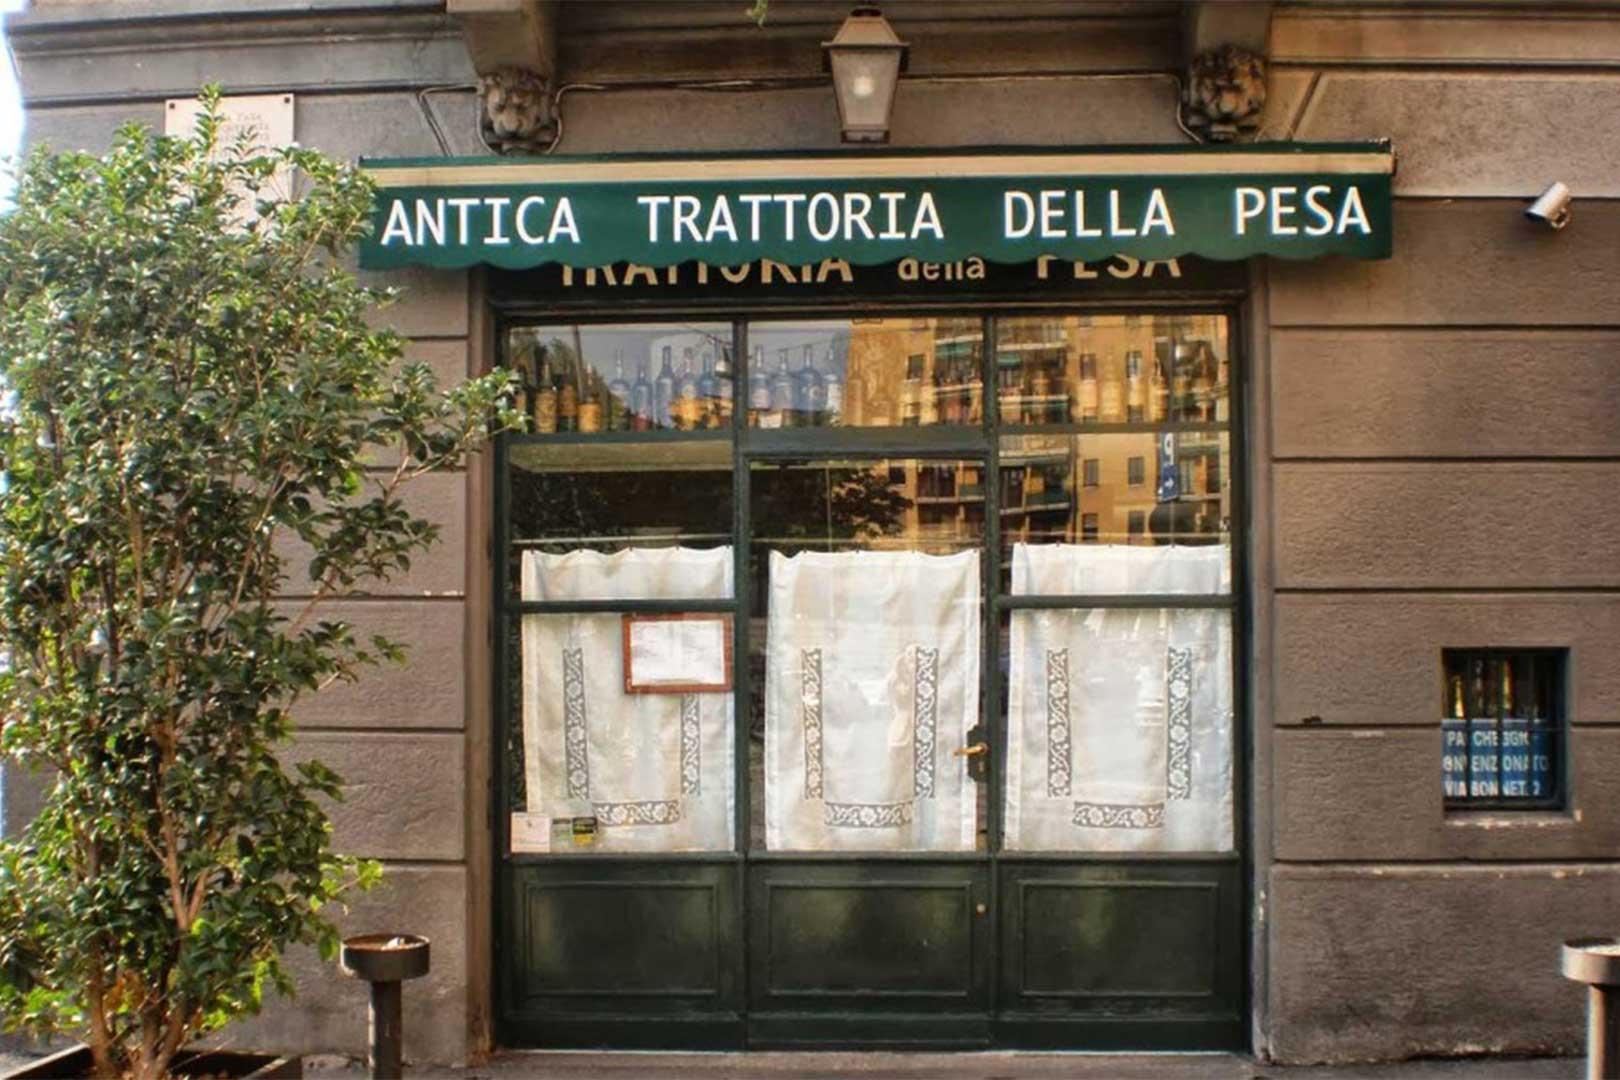 Antica Trattoria Della Pesa